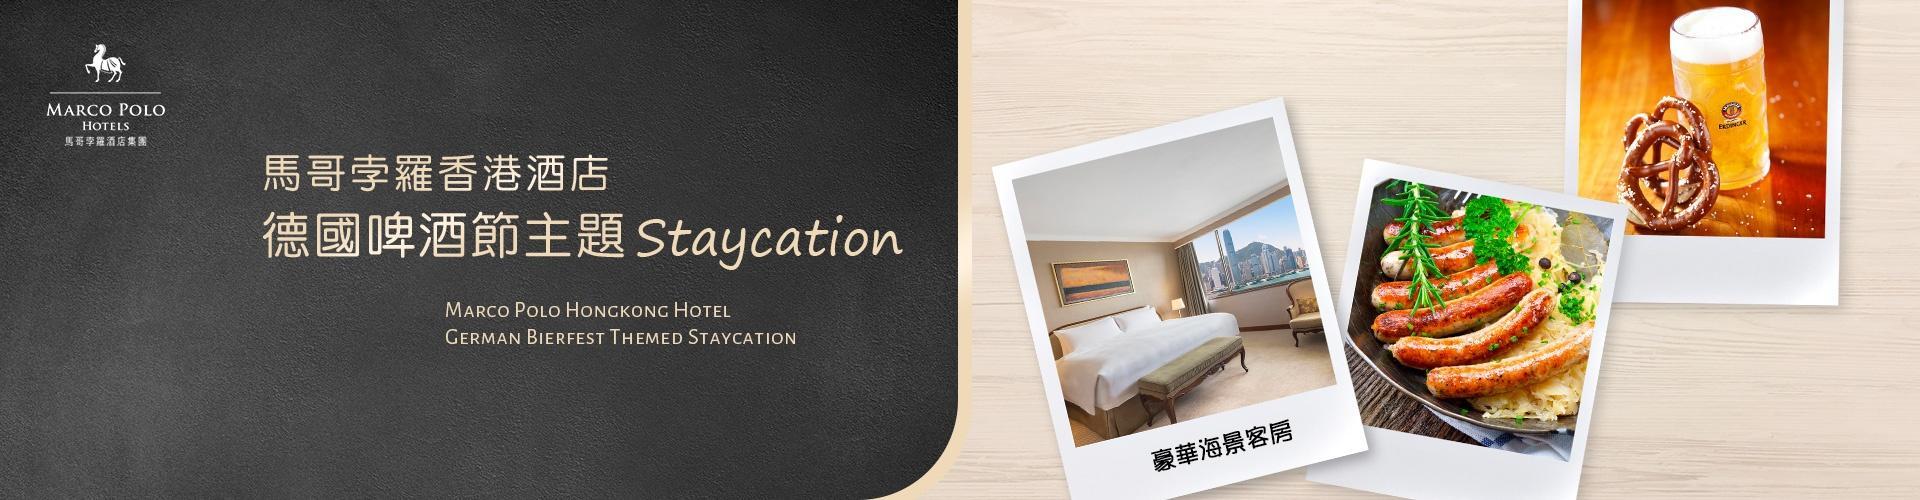 馬哥孛羅香港酒店 Marco Polo Hongkong Hotel